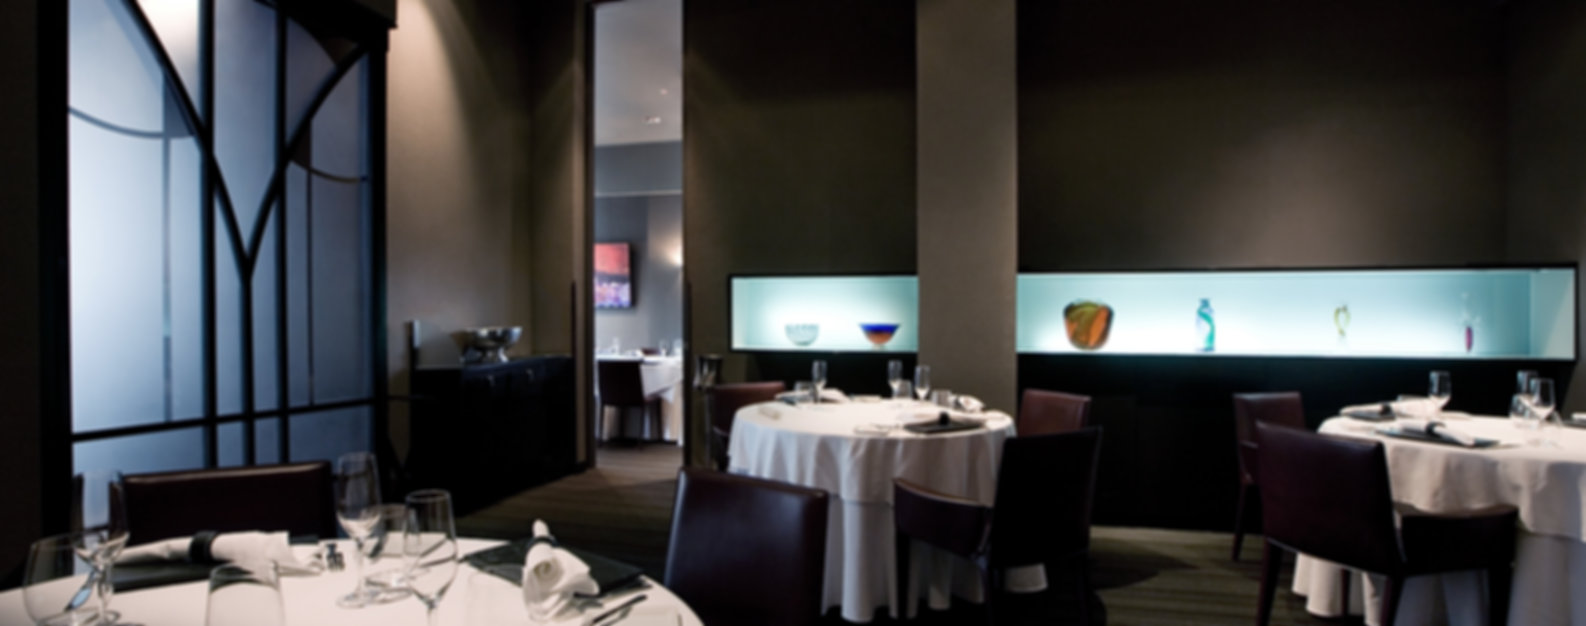 Gunthers Restaurant Interior